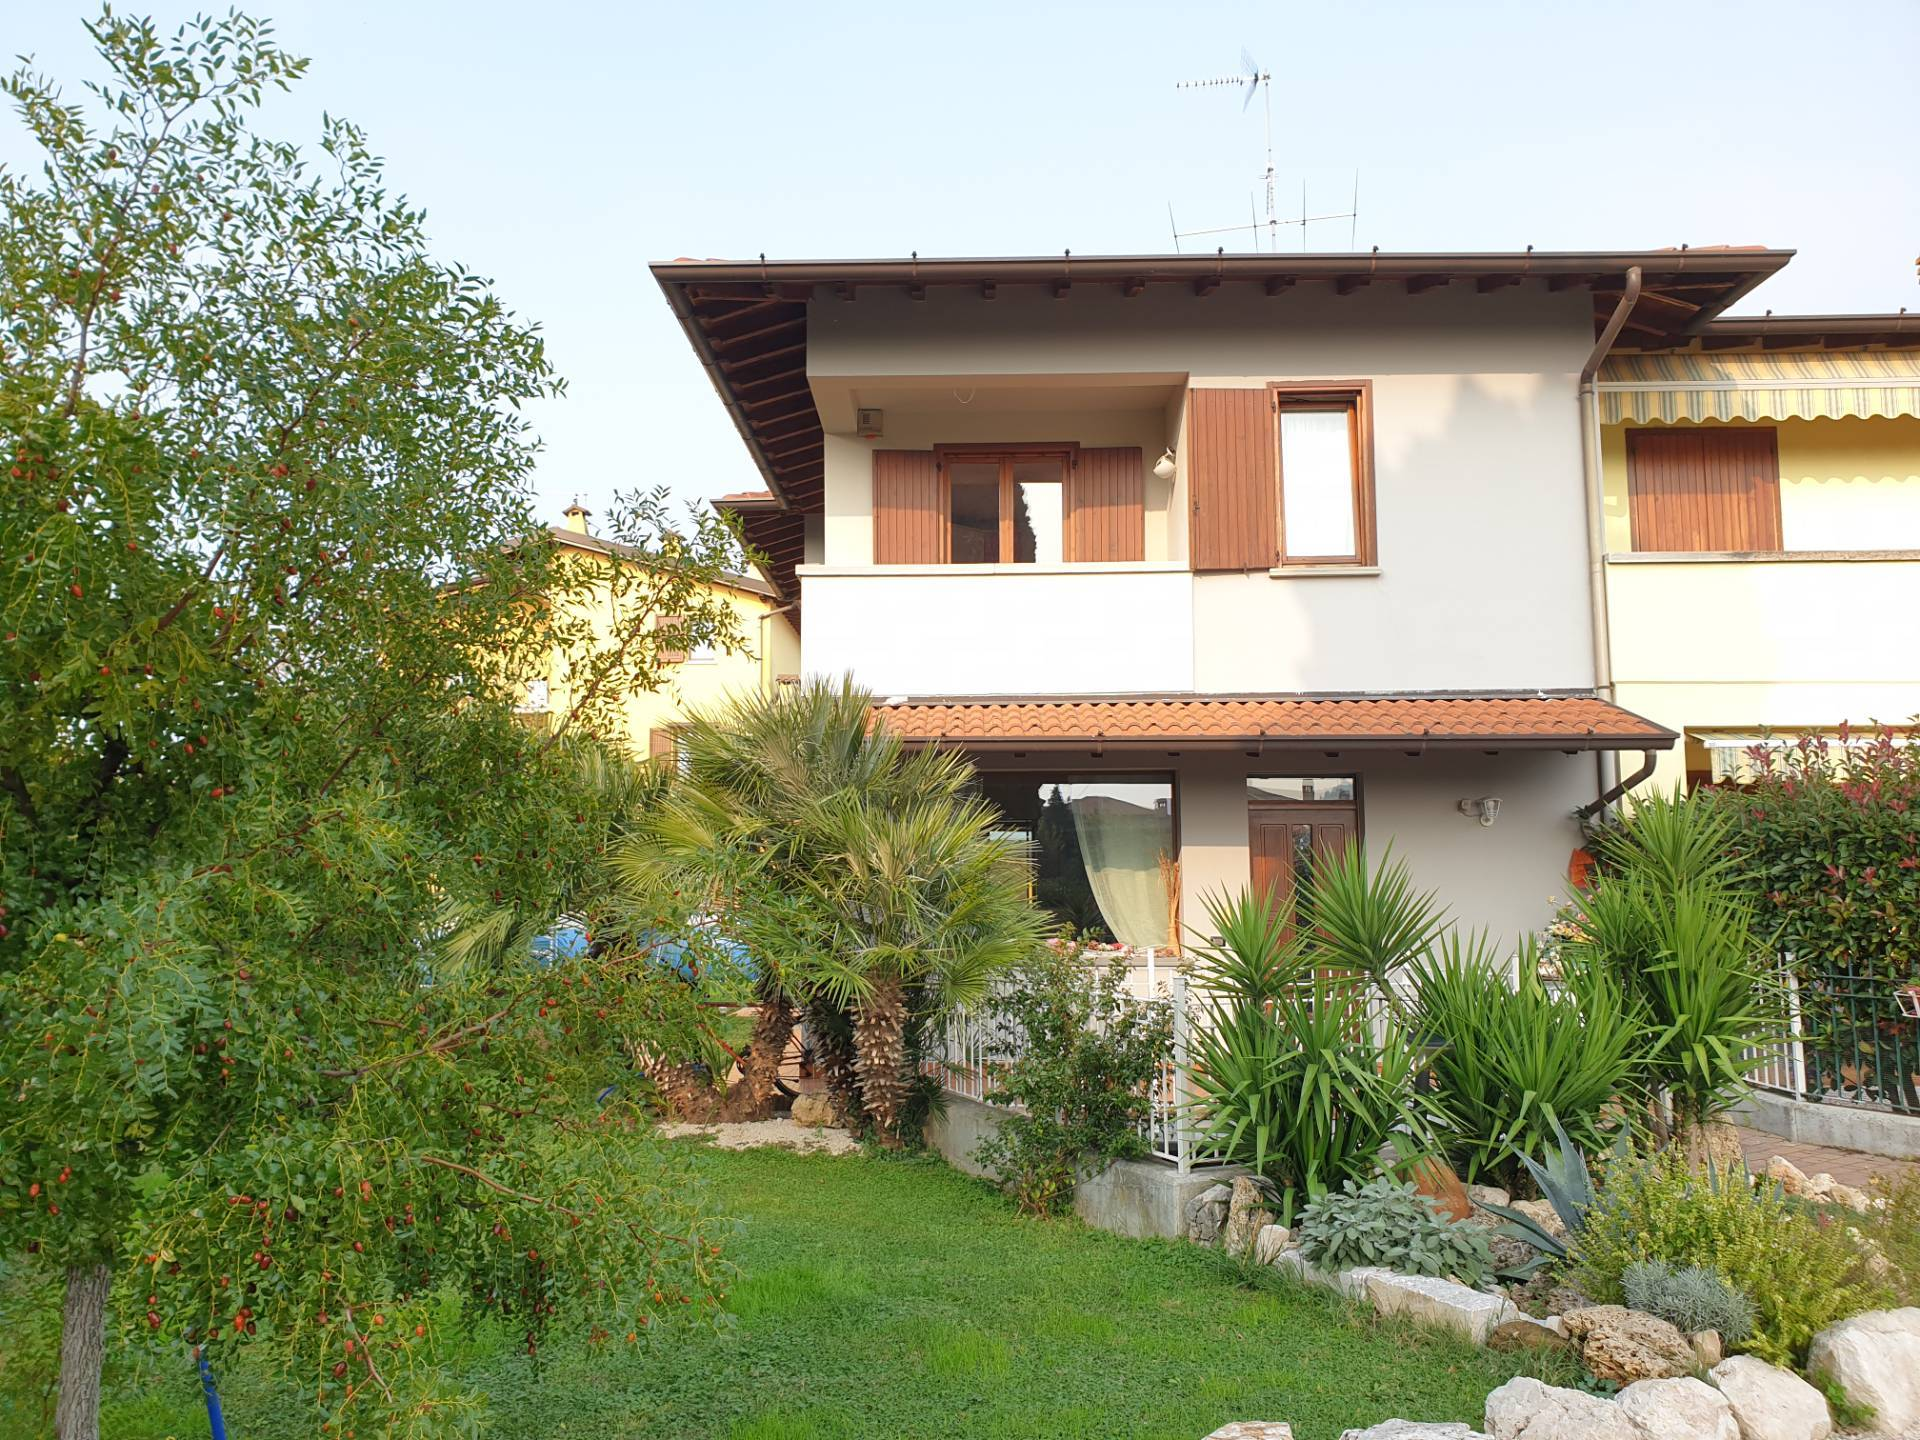 Villa Bifamiliare in vendita a Cologne, 7 locali, Trattative riservate | PortaleAgenzieImmobiliari.it